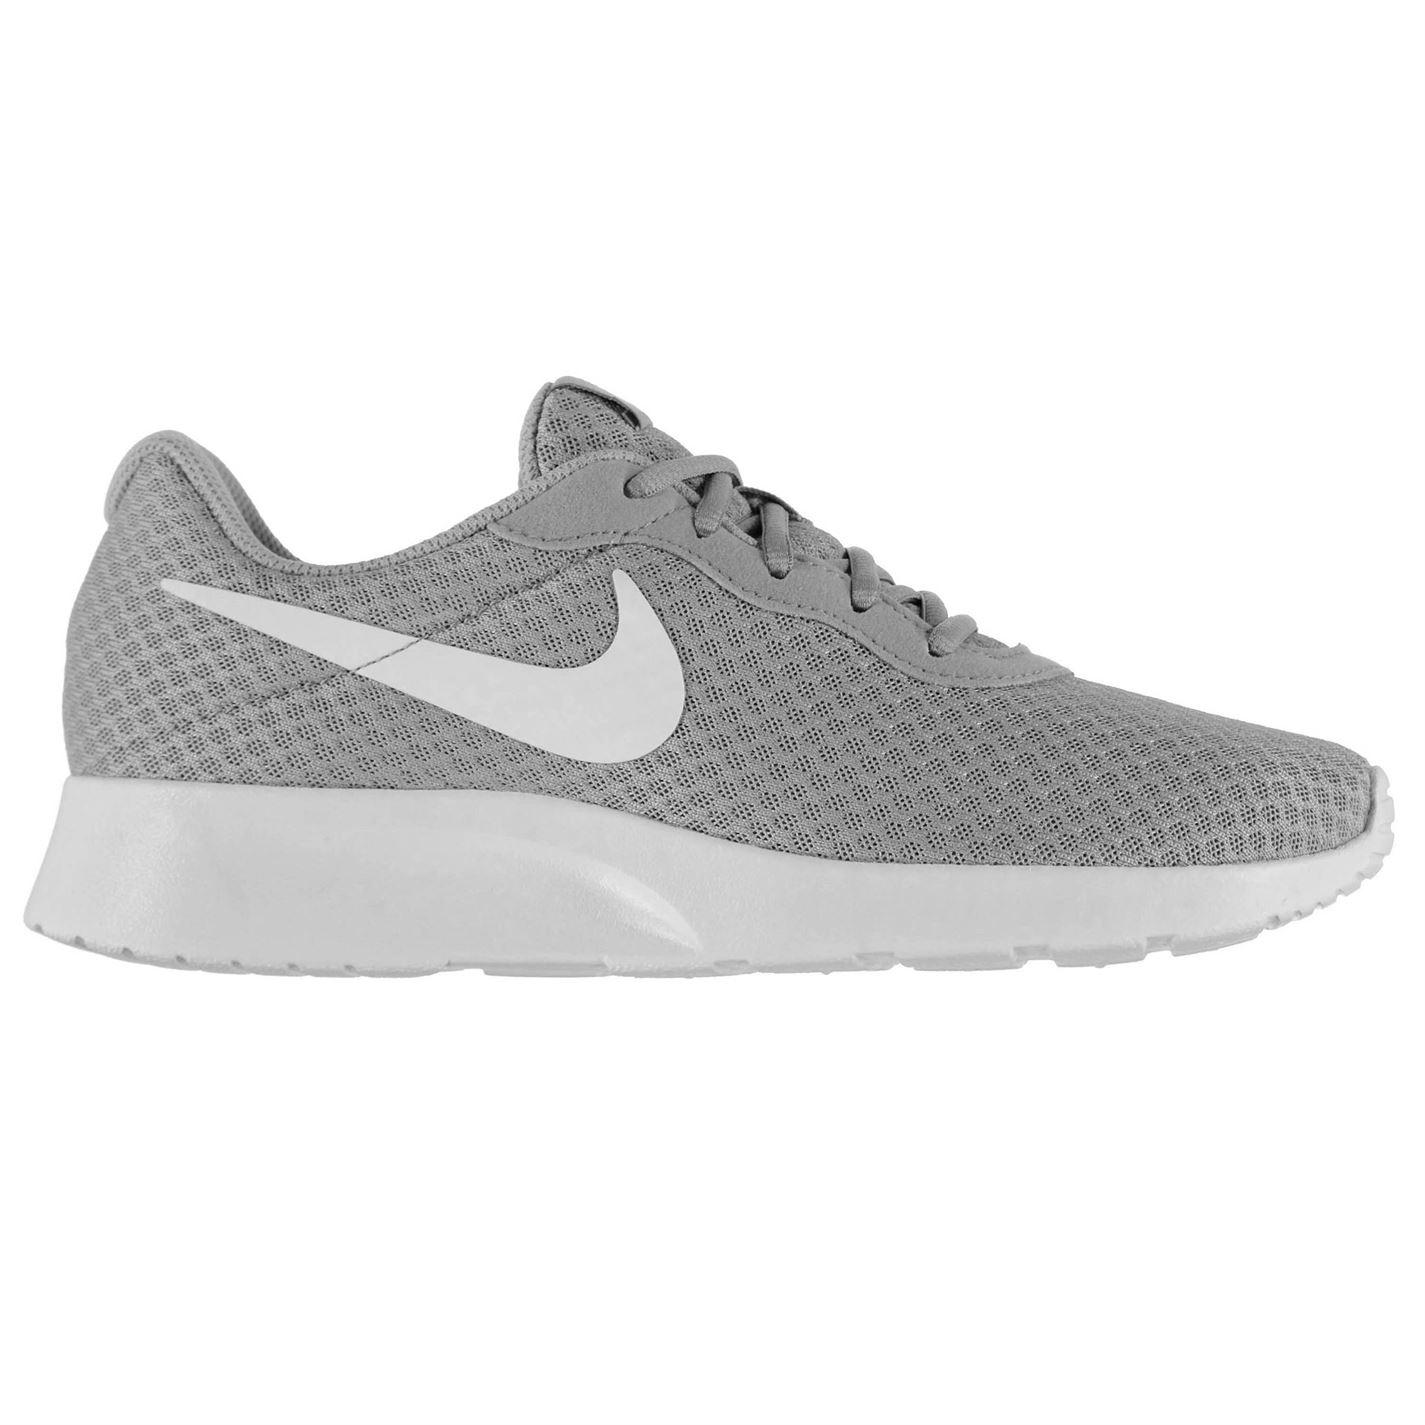 832c37c08da3f boty Nike Tanjun pánské Grey/White - Glami.sk